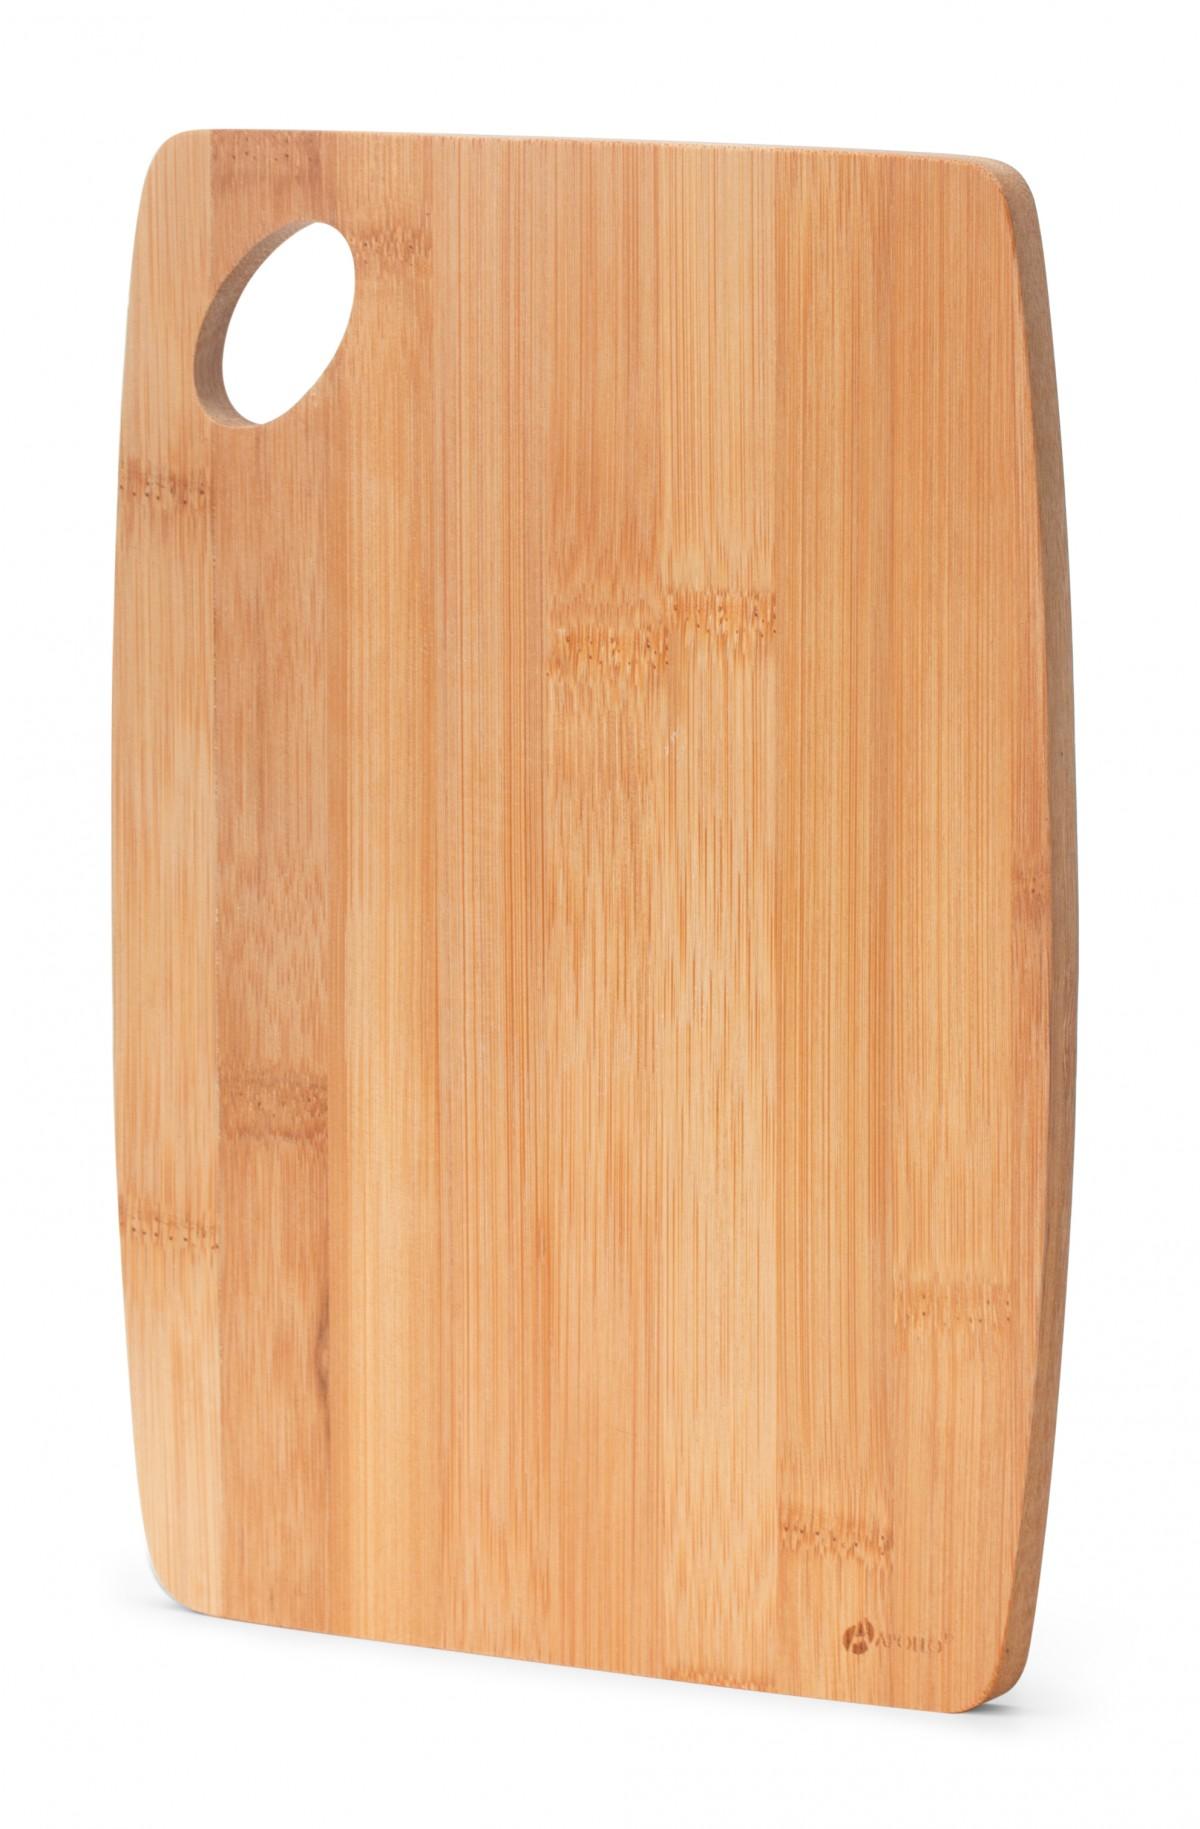 Доска разделочная бамбуковая, 25 х 18 х 1 см